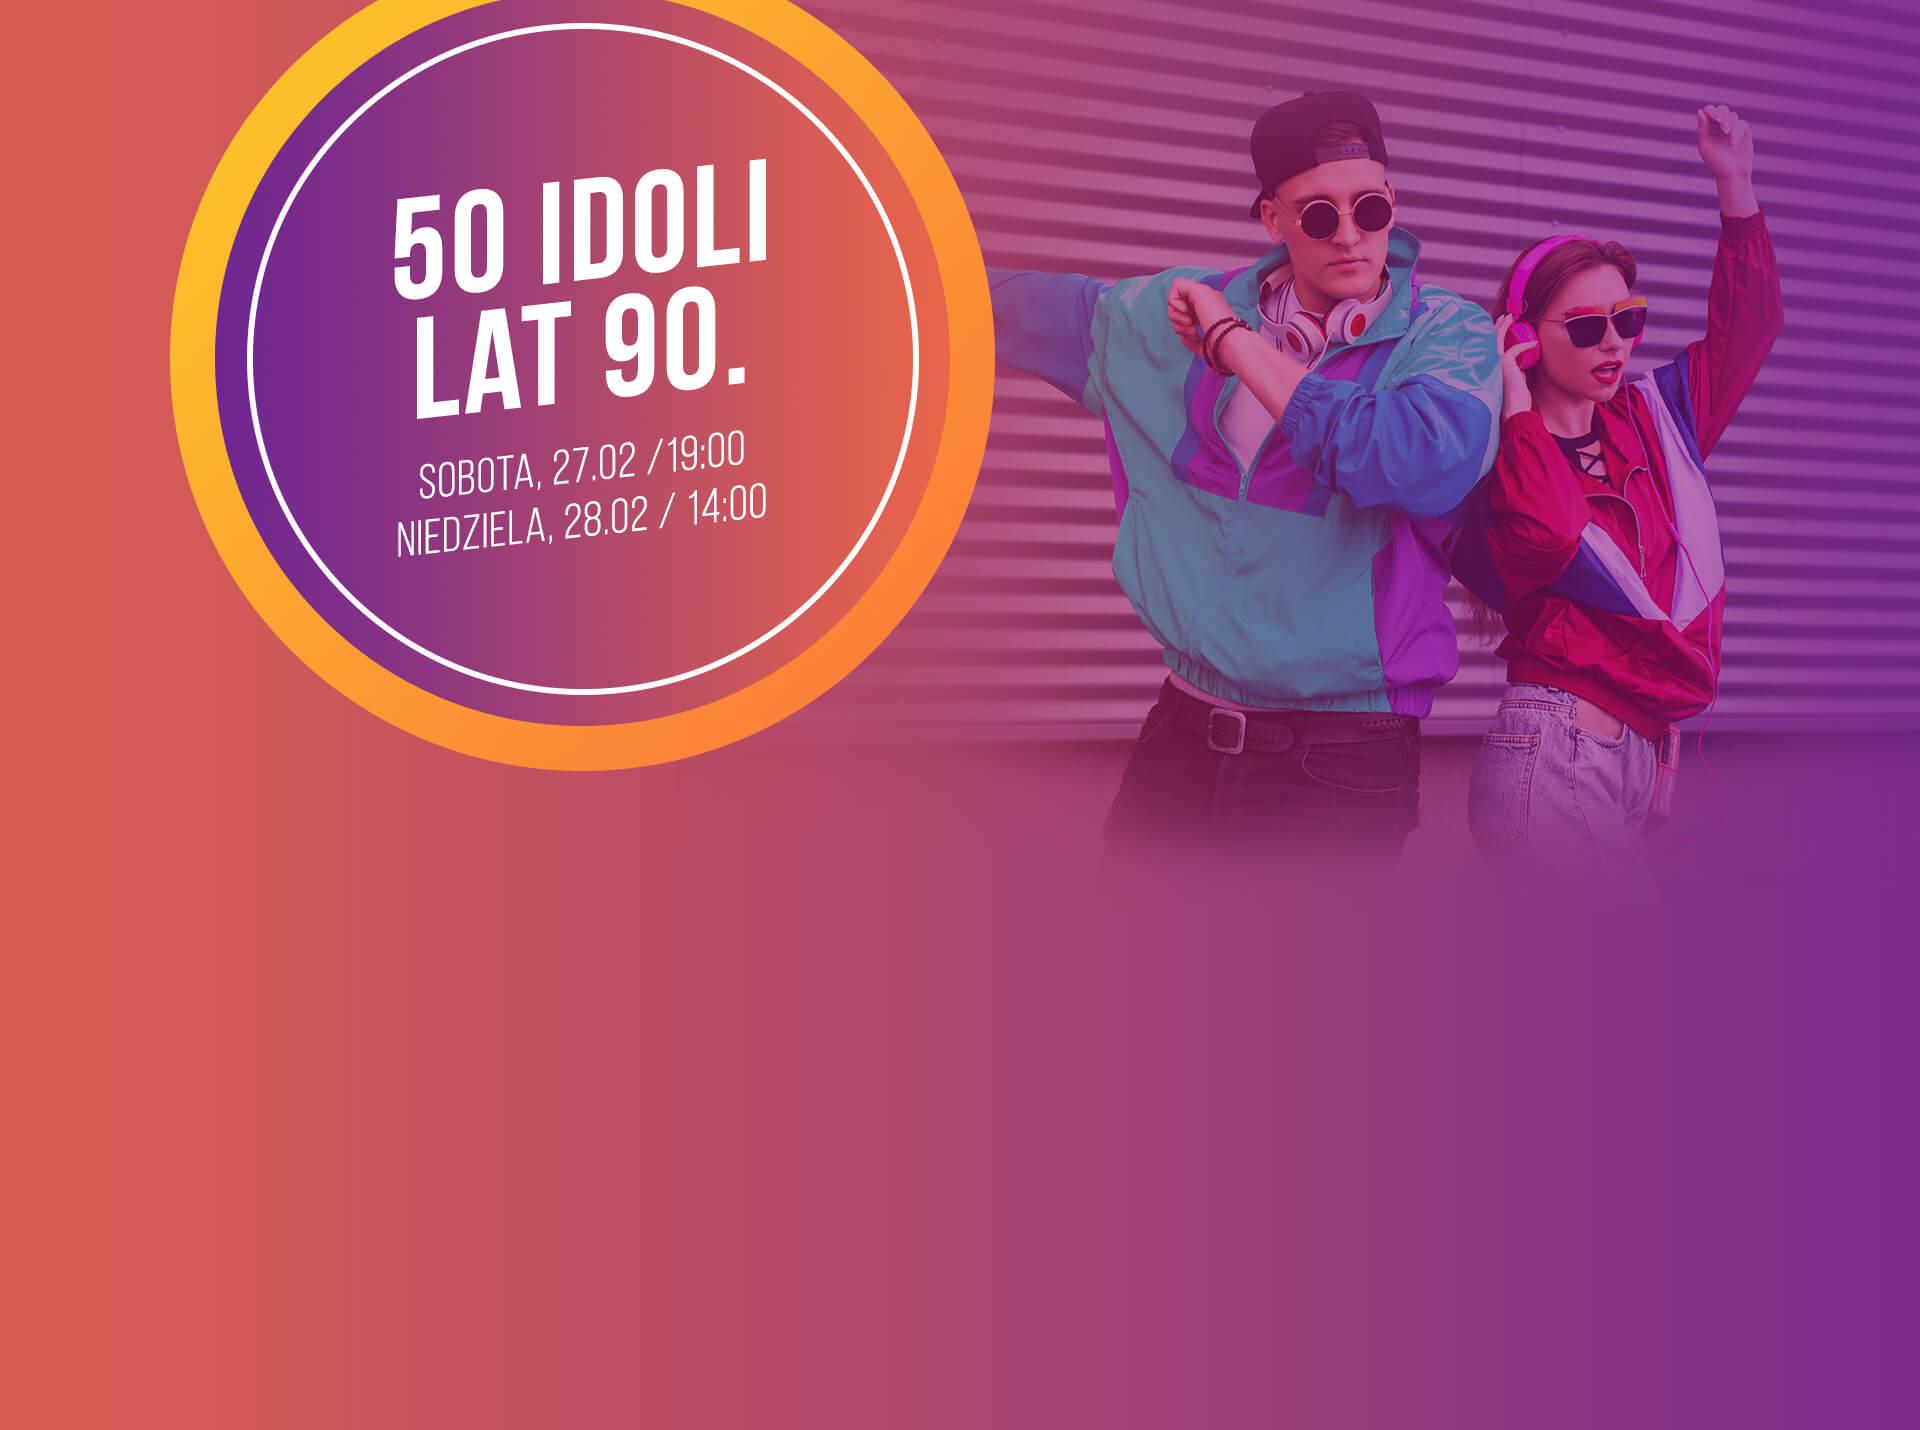 50 idoli lat 90